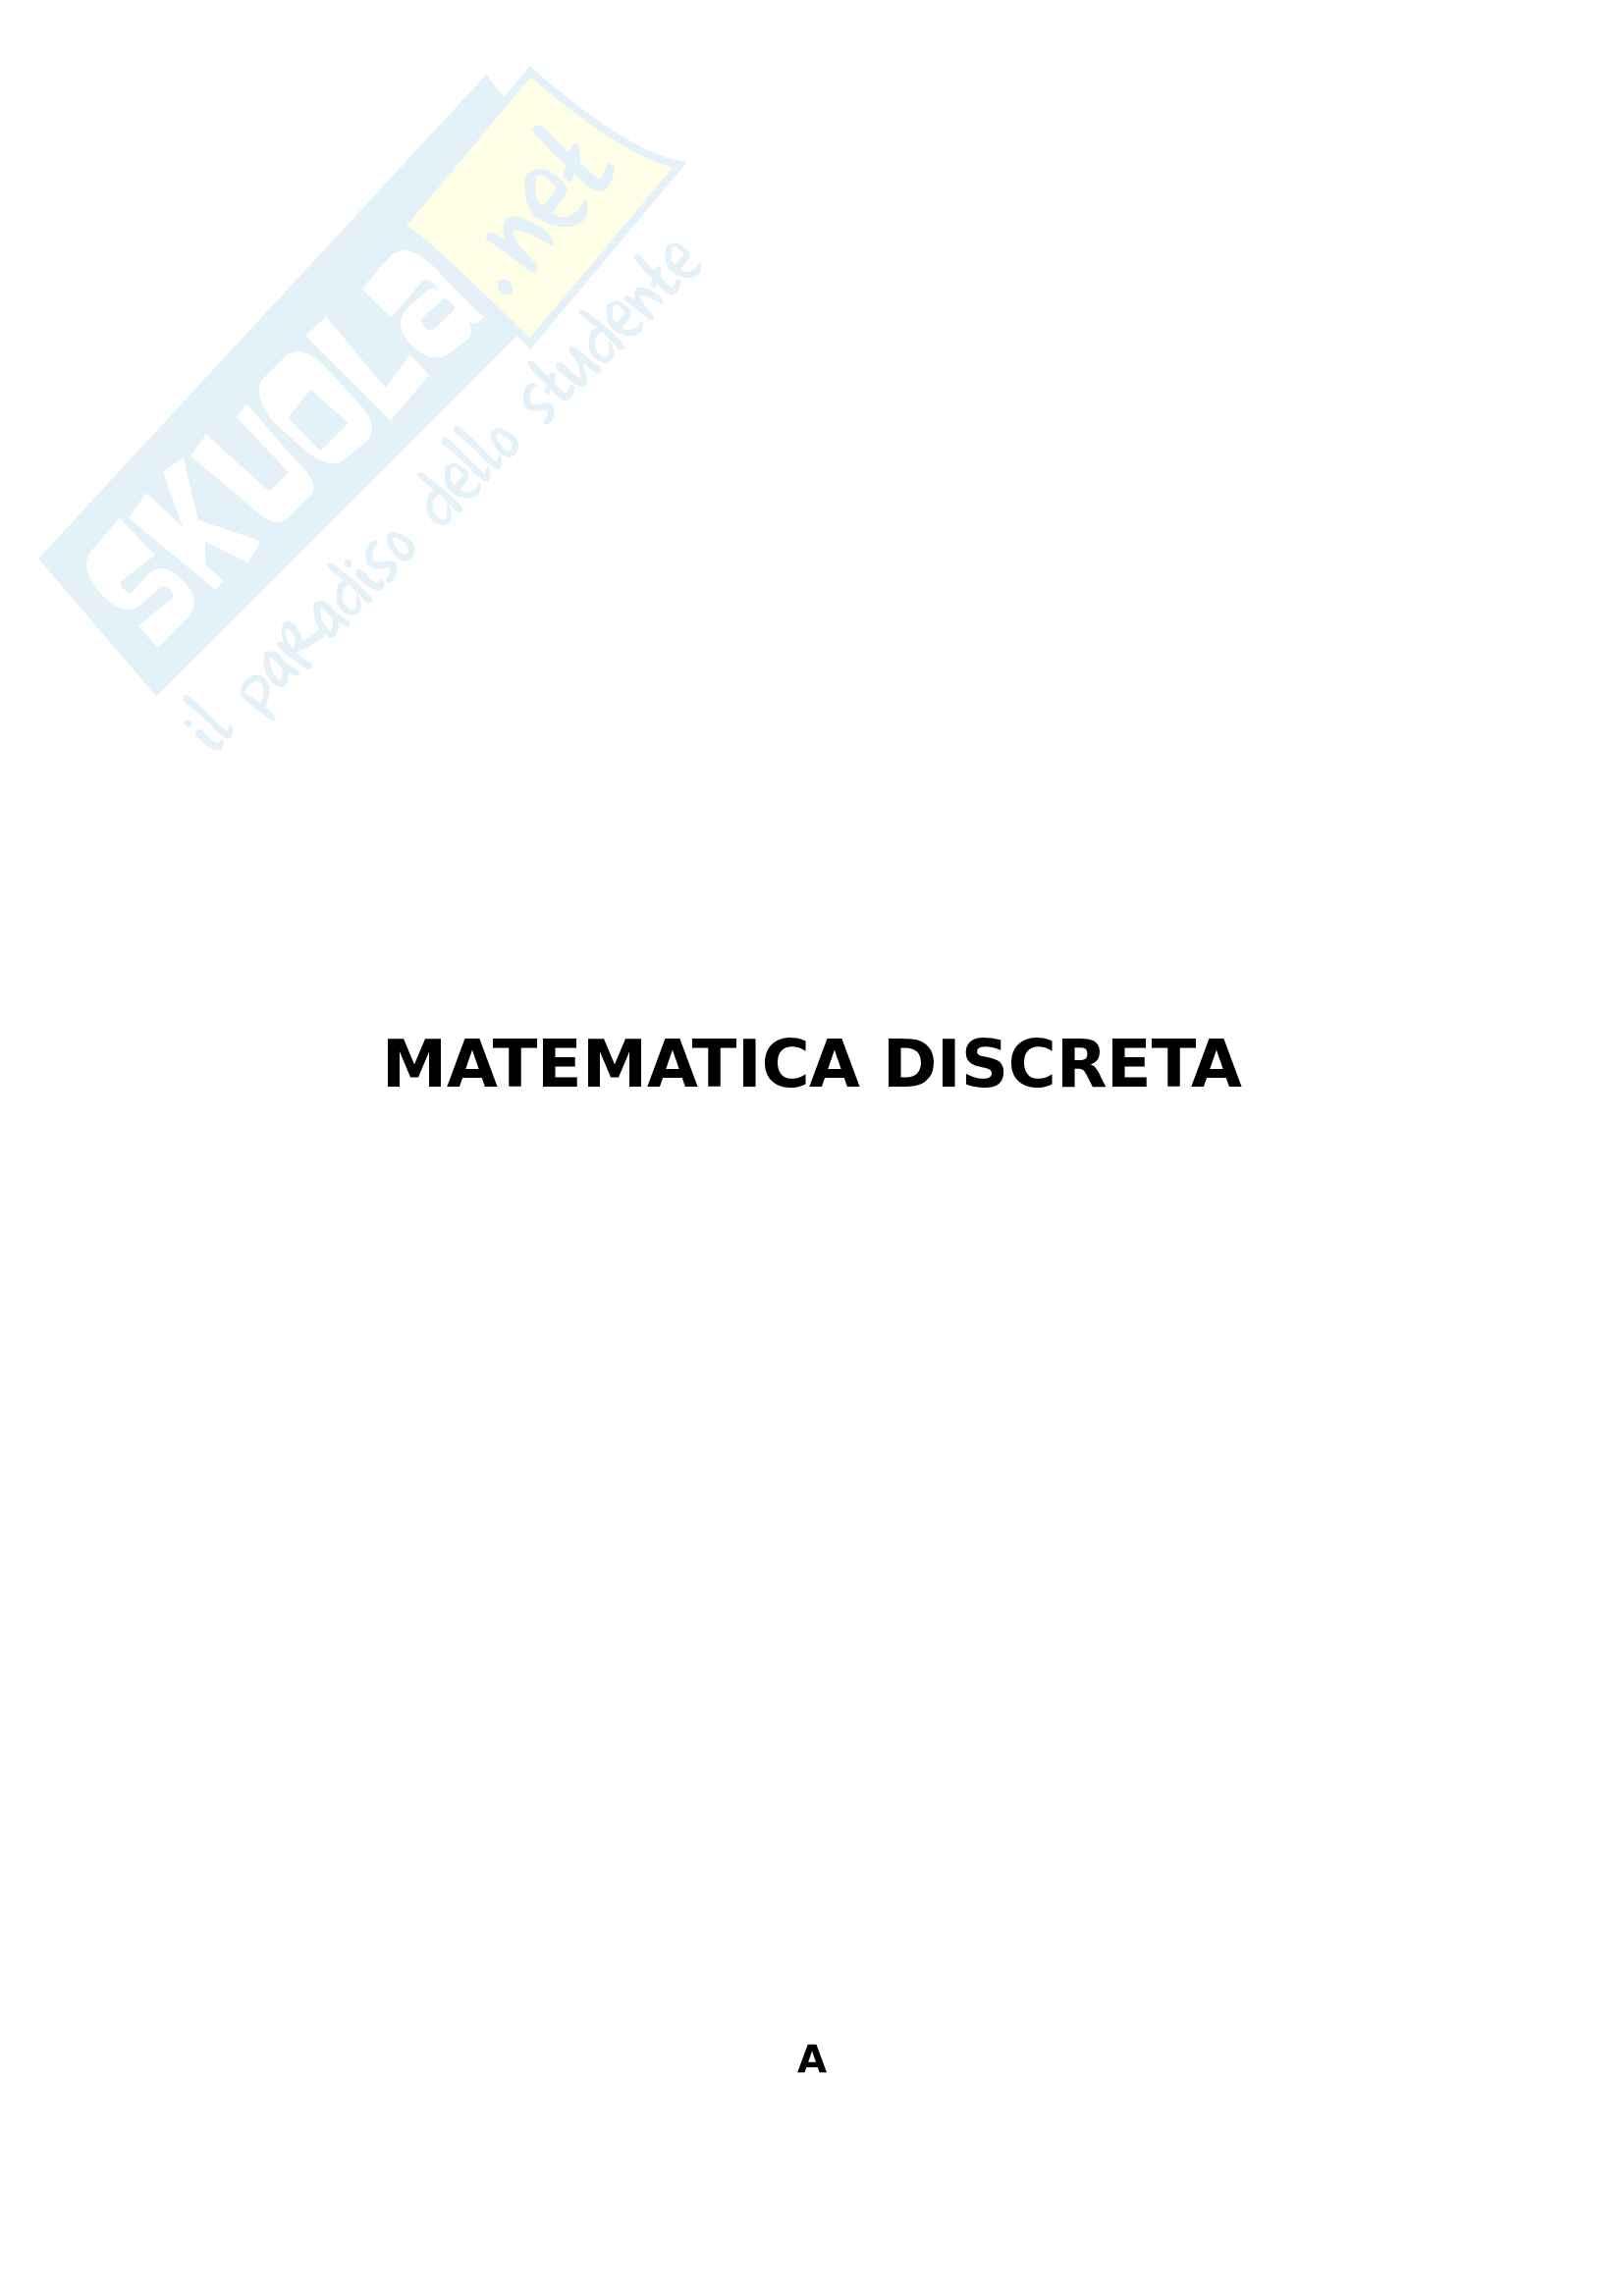 Formulario Matematica discreta